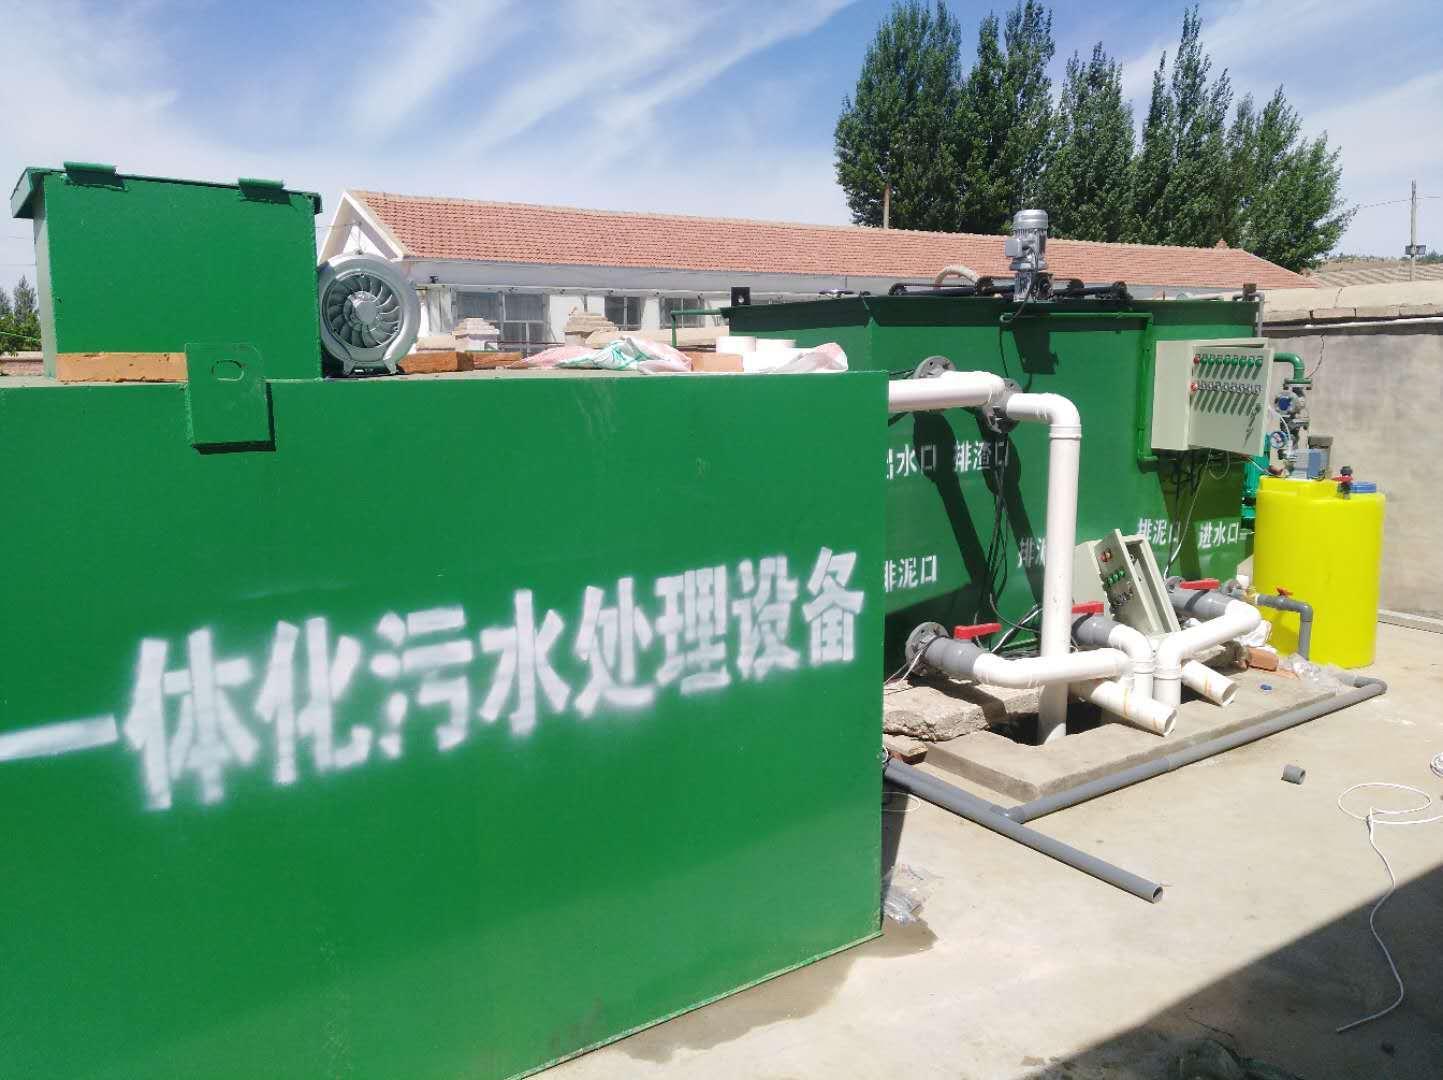 乡镇医院废水,综合医院废水,一体式污水处理设备方案介绍